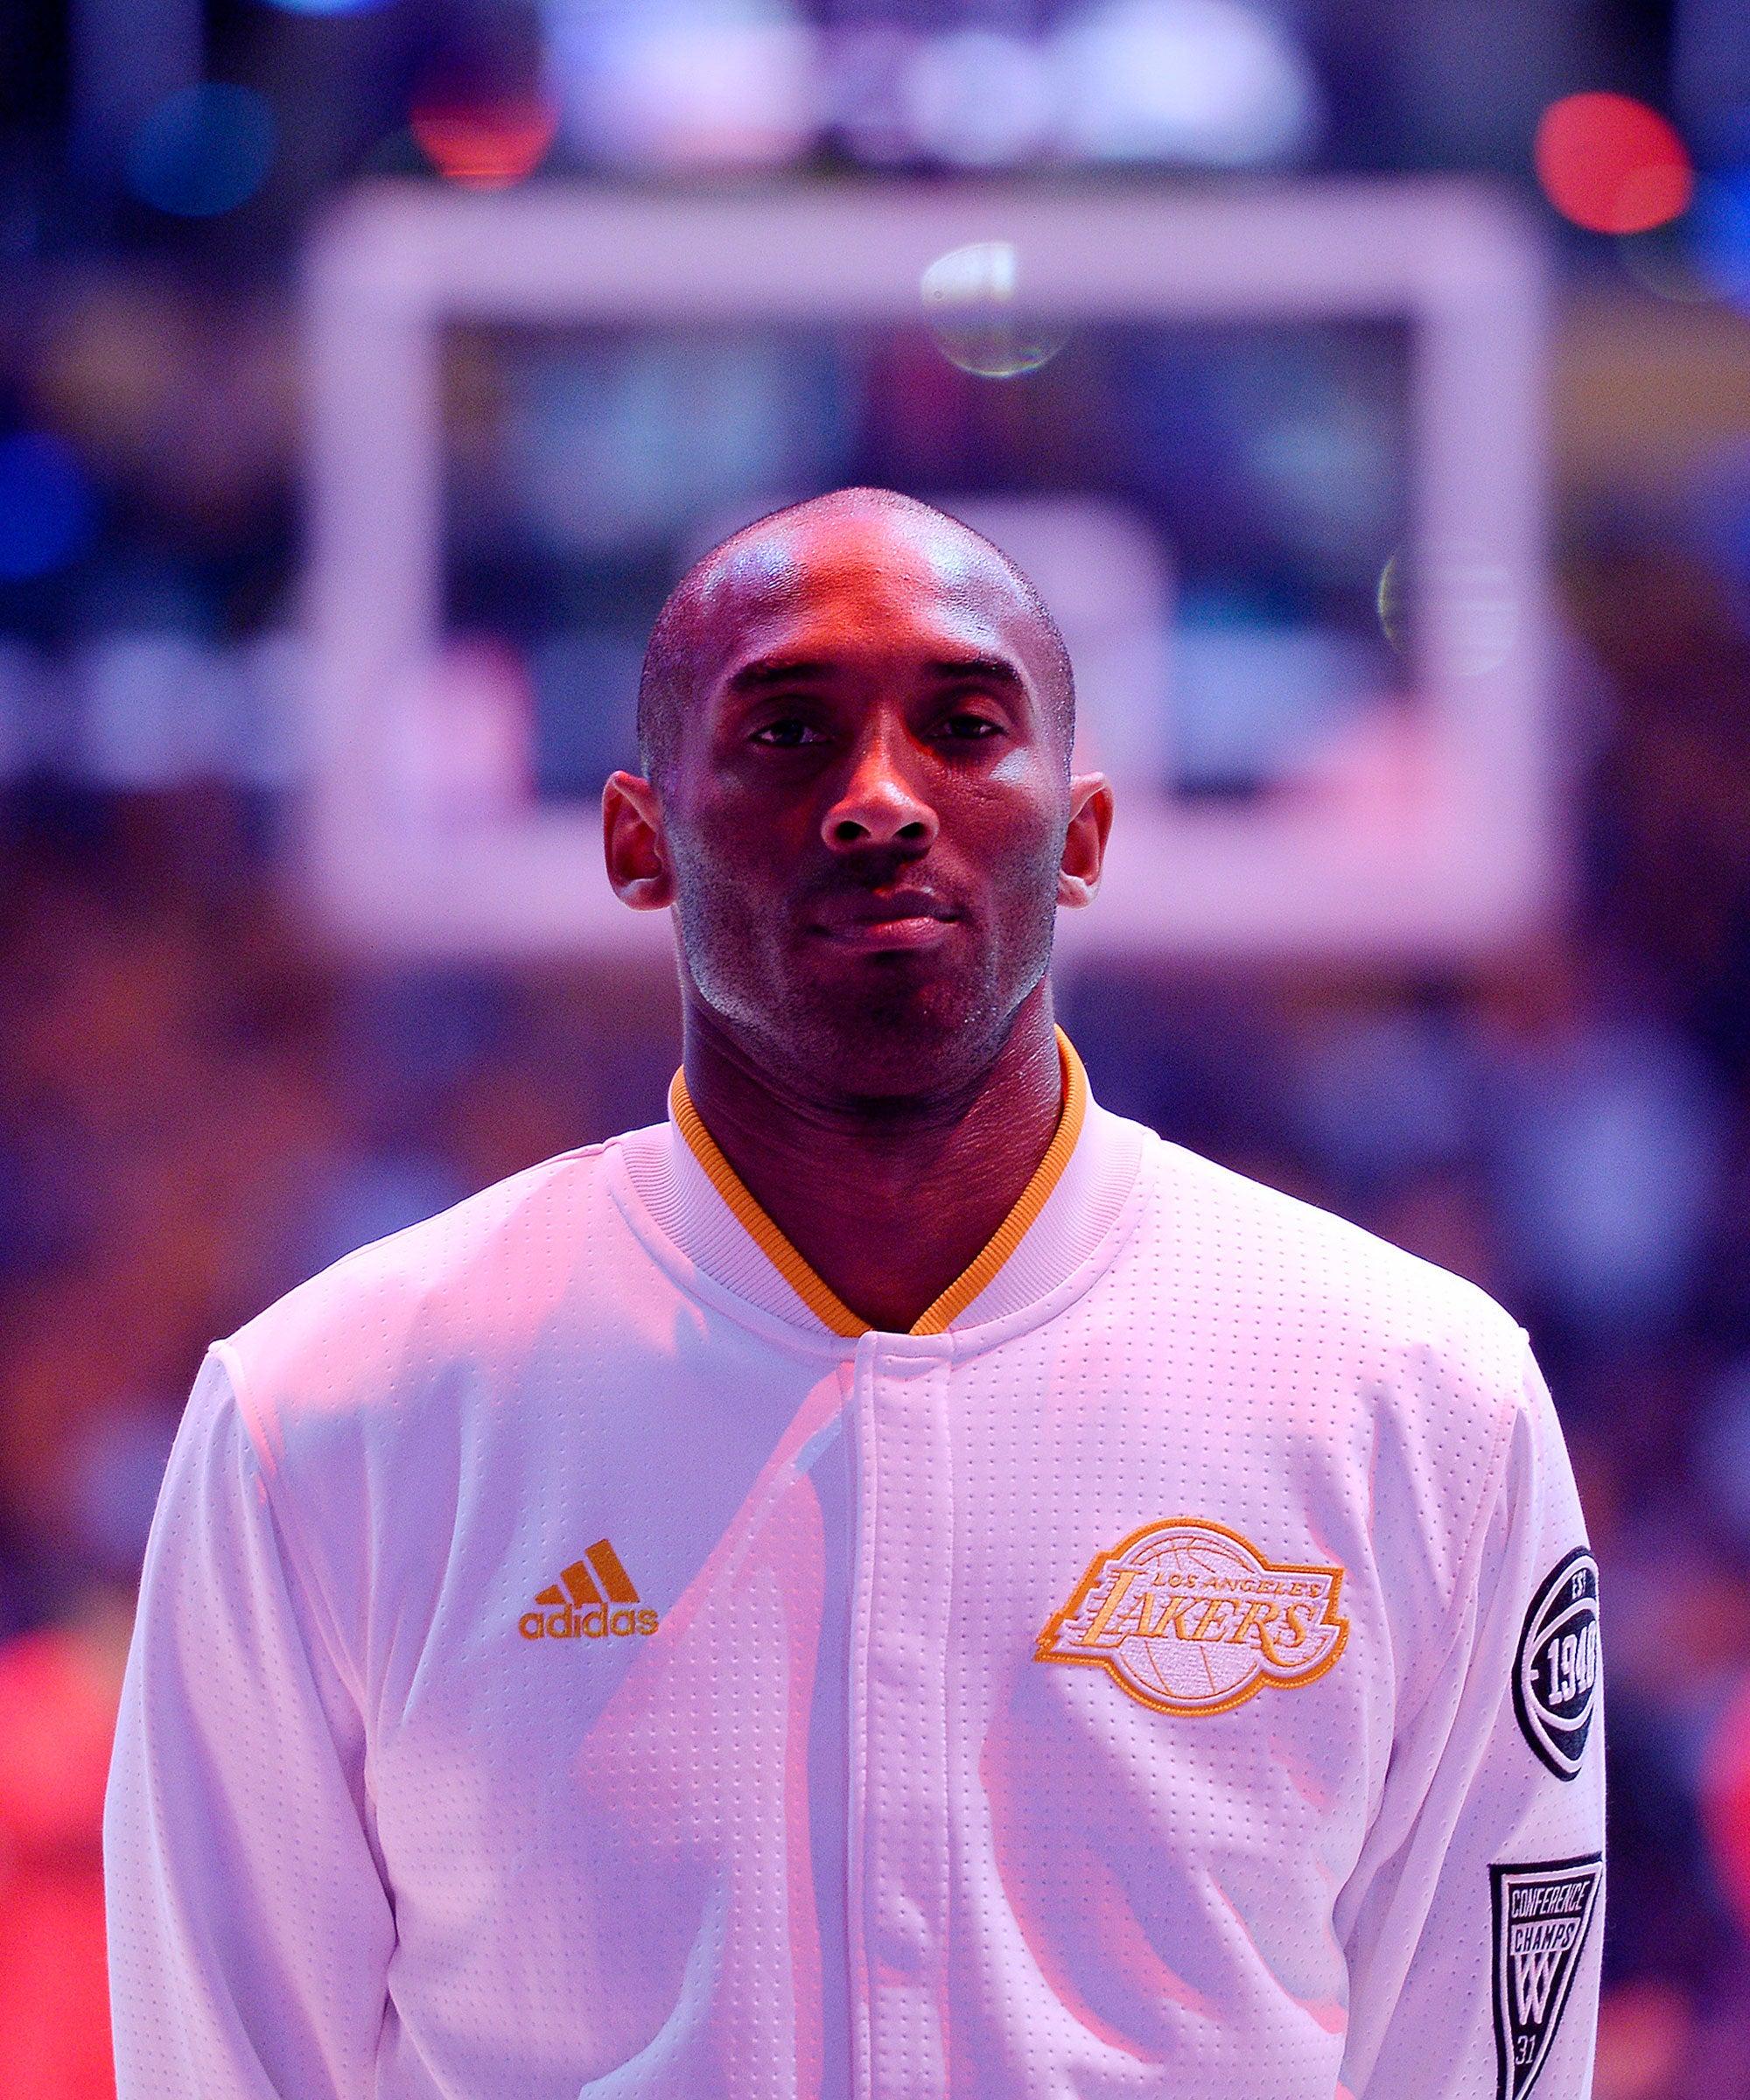 Nach dem Tod von Kobe Bryant: Stars trauern um den Basketball-Star